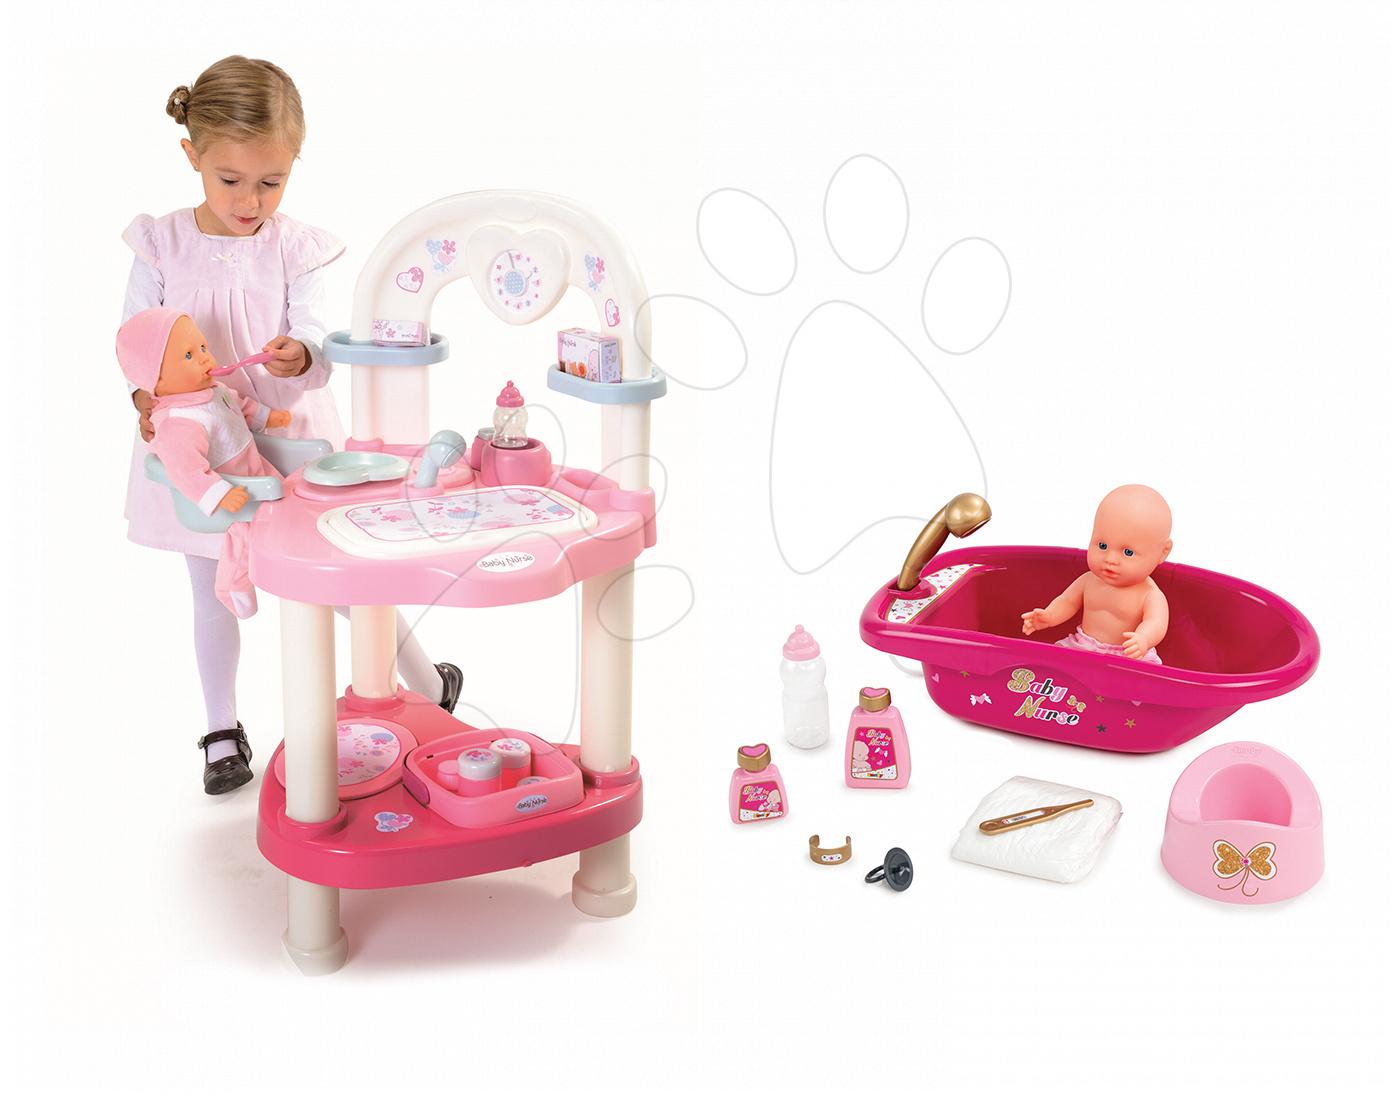 Domčeky pre bábiky sety - Set prebaľovací stôl pre bábiku Baby Nurse Srdiečko Smoby a vanička pre bábiku